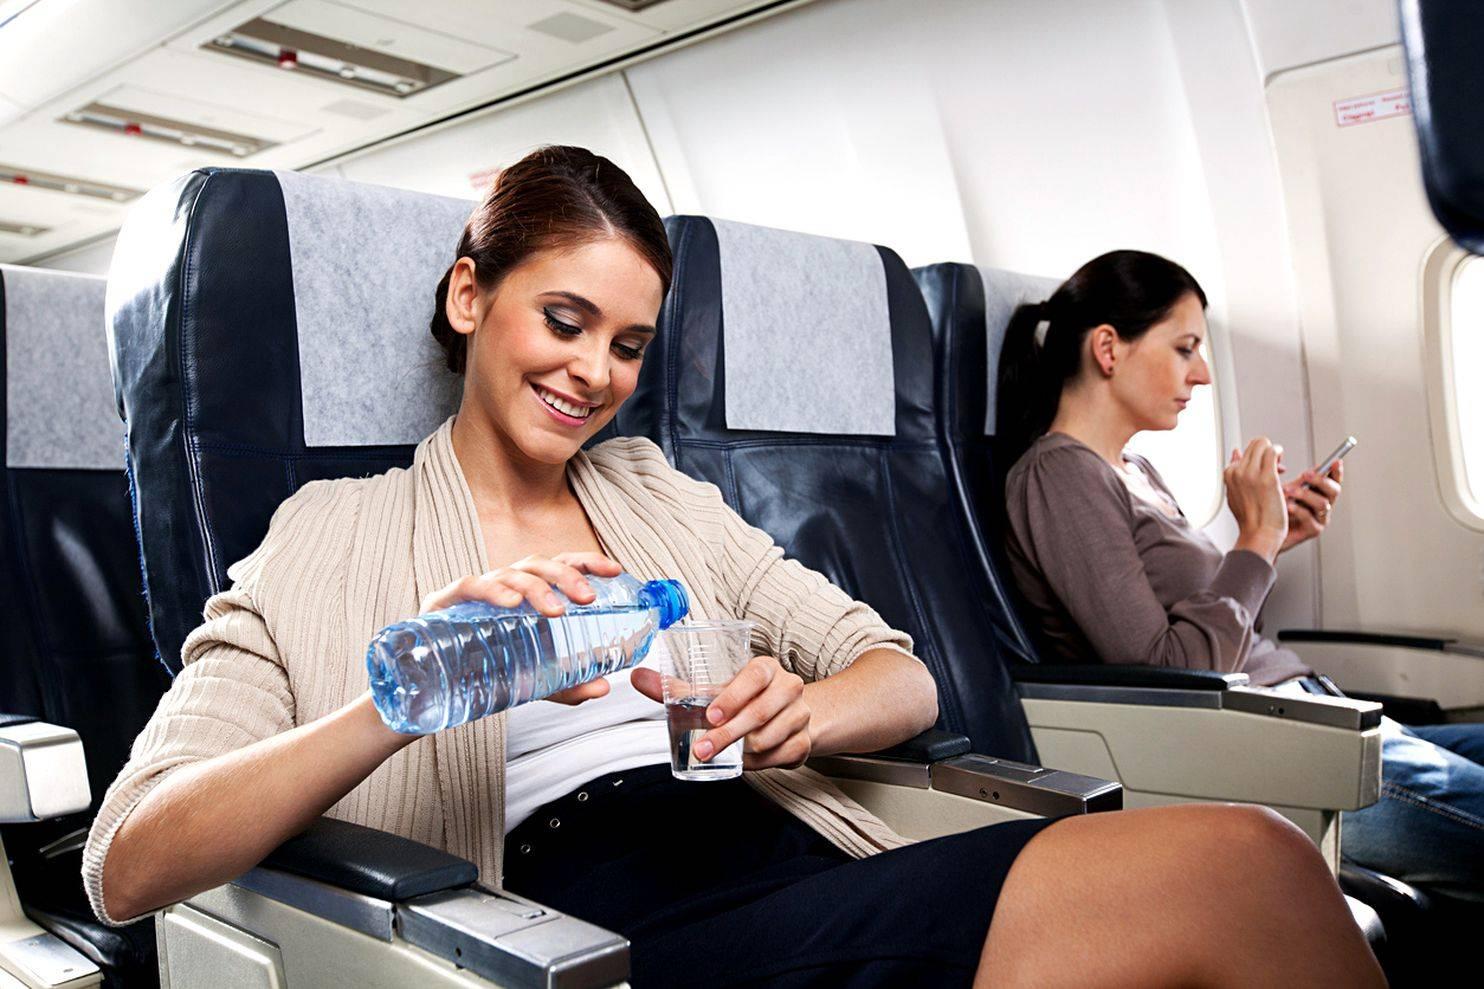 Можно ли лететь самолетом после операции. могу ли я лететь на самолёте после операционного вмешательства на глаза? особые группы пассажиров